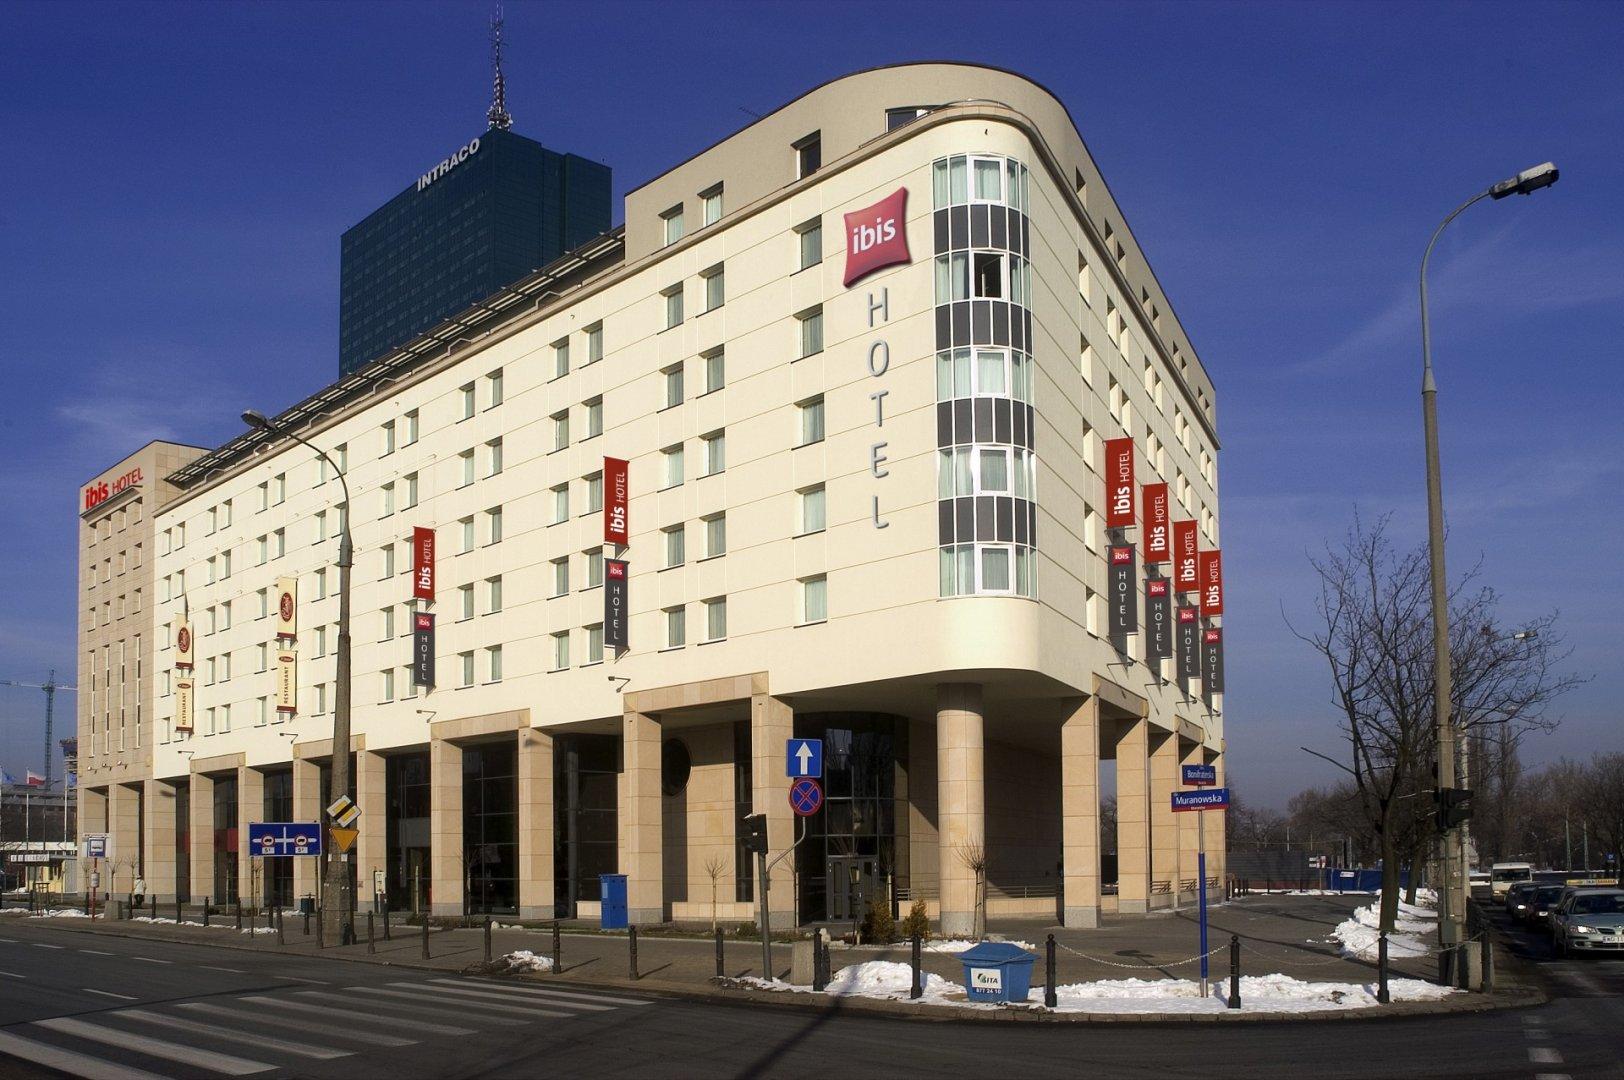 Ibis Warszawa Stare Miasto Hotel